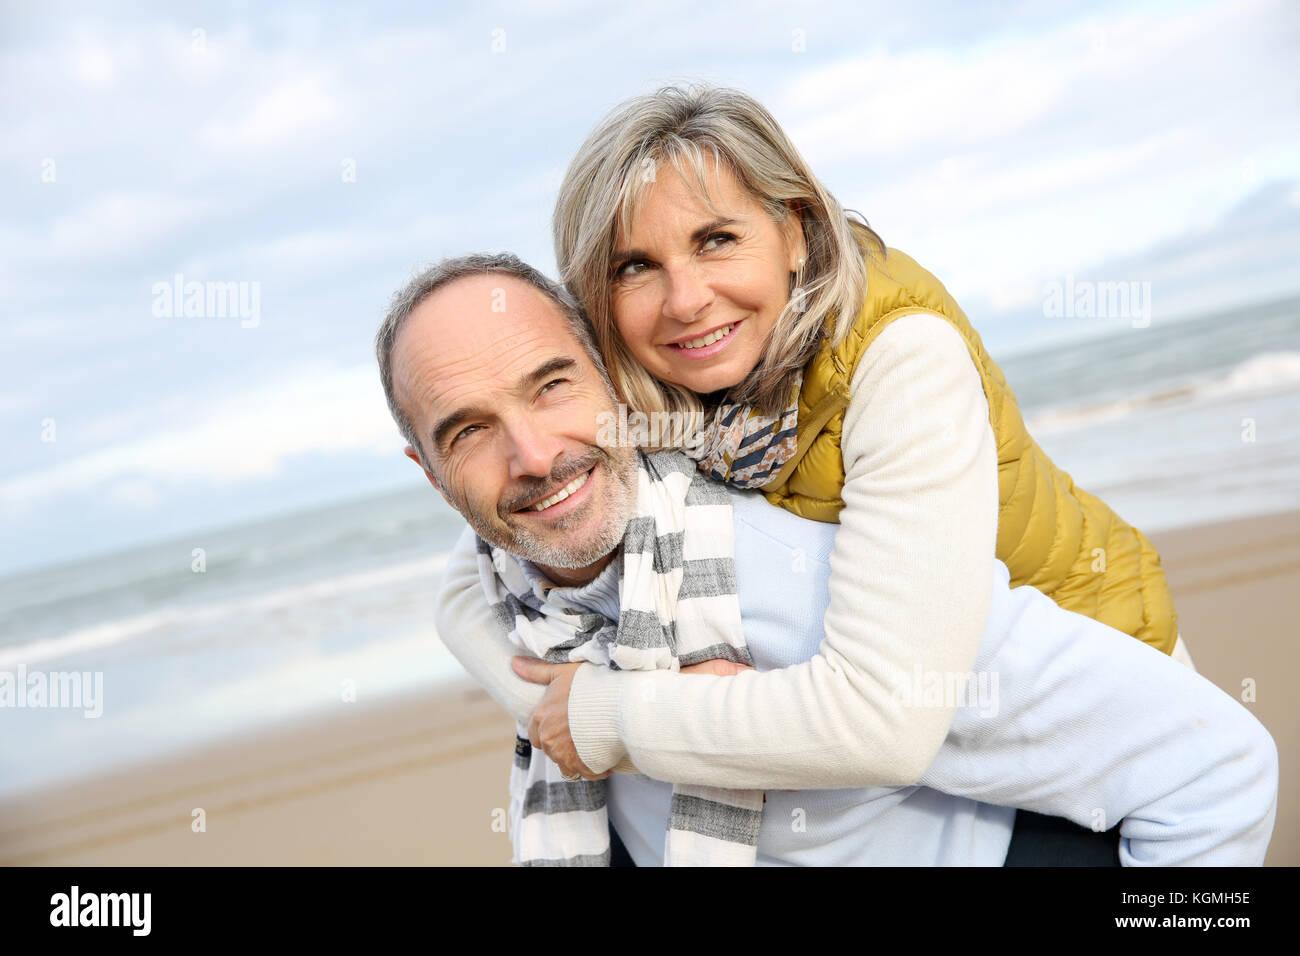 Hauts homme donnant à piggyback ride pour femme Photo Stock